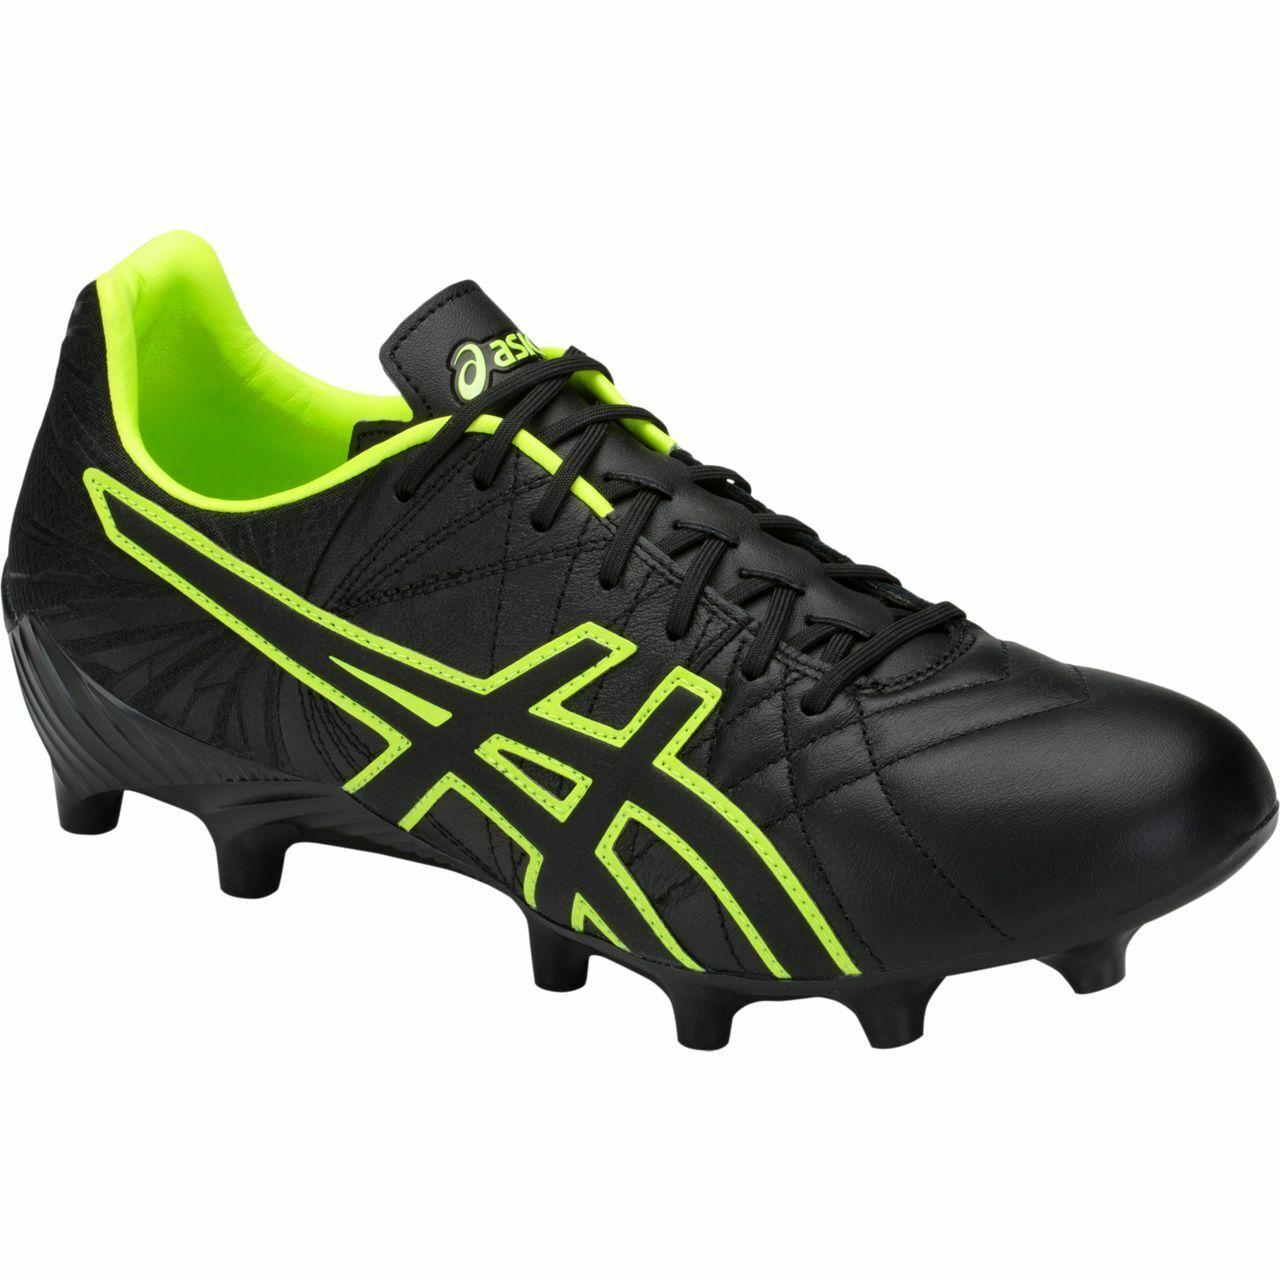 Asics Lethal Tigreor versión más reciente que FF para Hombre botas de fútbol (002)